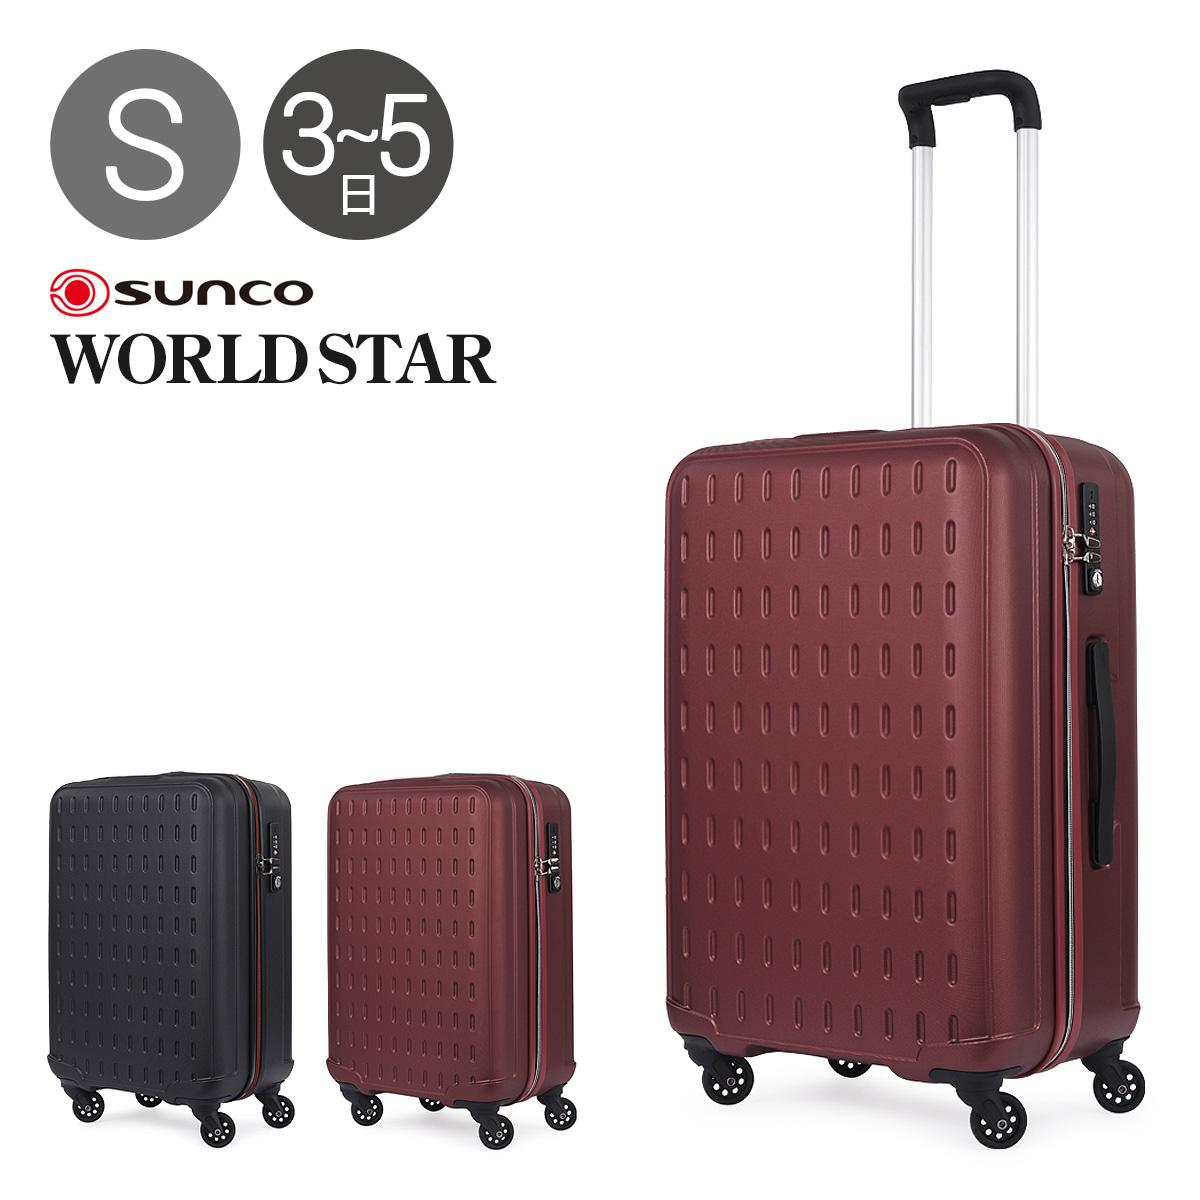 サンコー スーツケース 58cm 55L 3.5kg ハード WS02-58 キャリーケース 軽量 TSAロック搭載 SUNCO ワールドスター 【PO10】【bef】【即日発送】